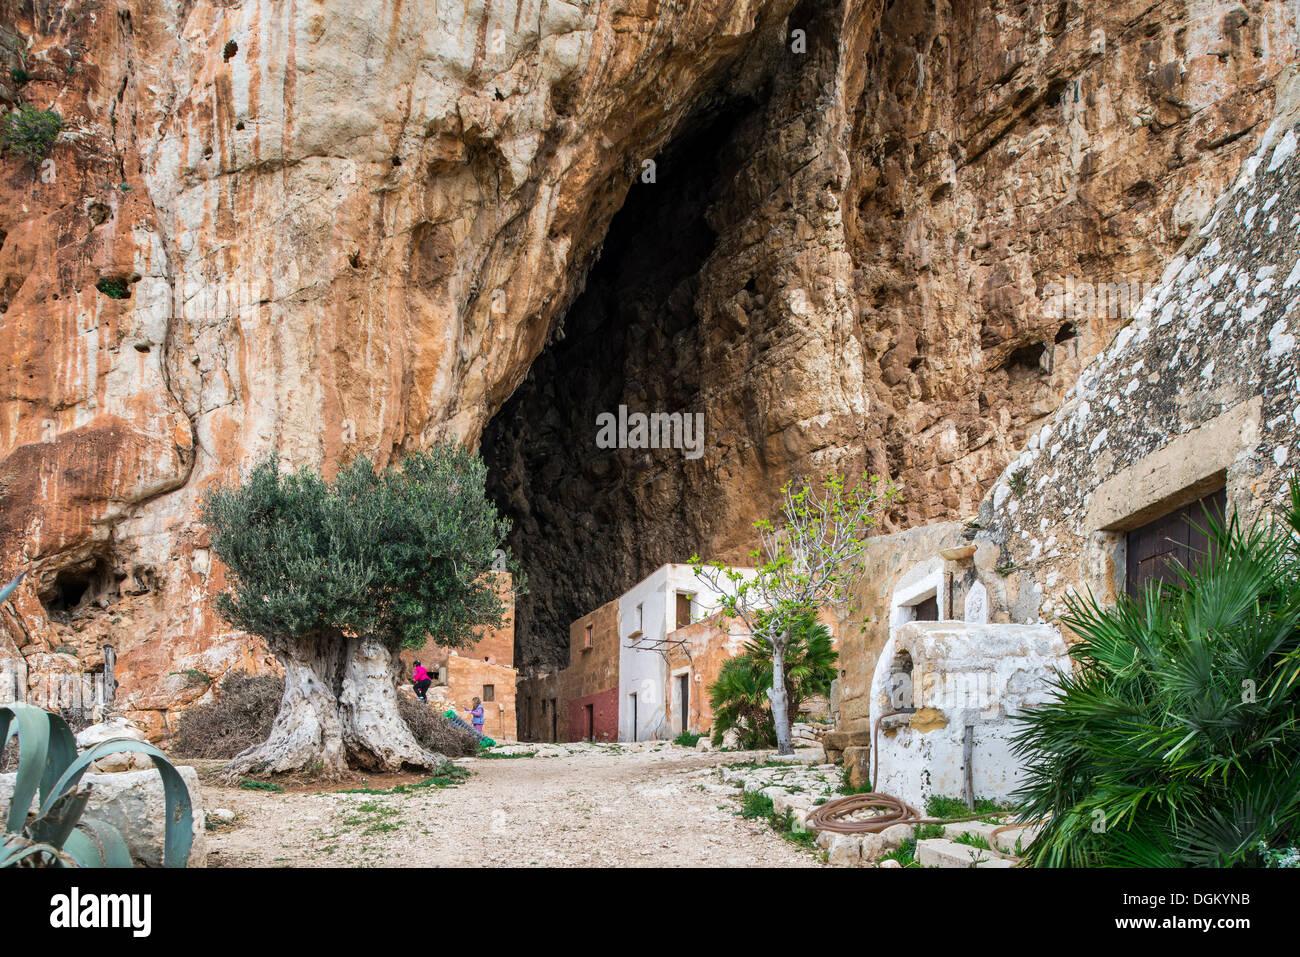 Historische Gebäude in der Grotte Mangiapane, jetzt ein Museumsdorf, Custonaci, Provinz Trapani, Nordwest-Küste von Sizilien Stockbild